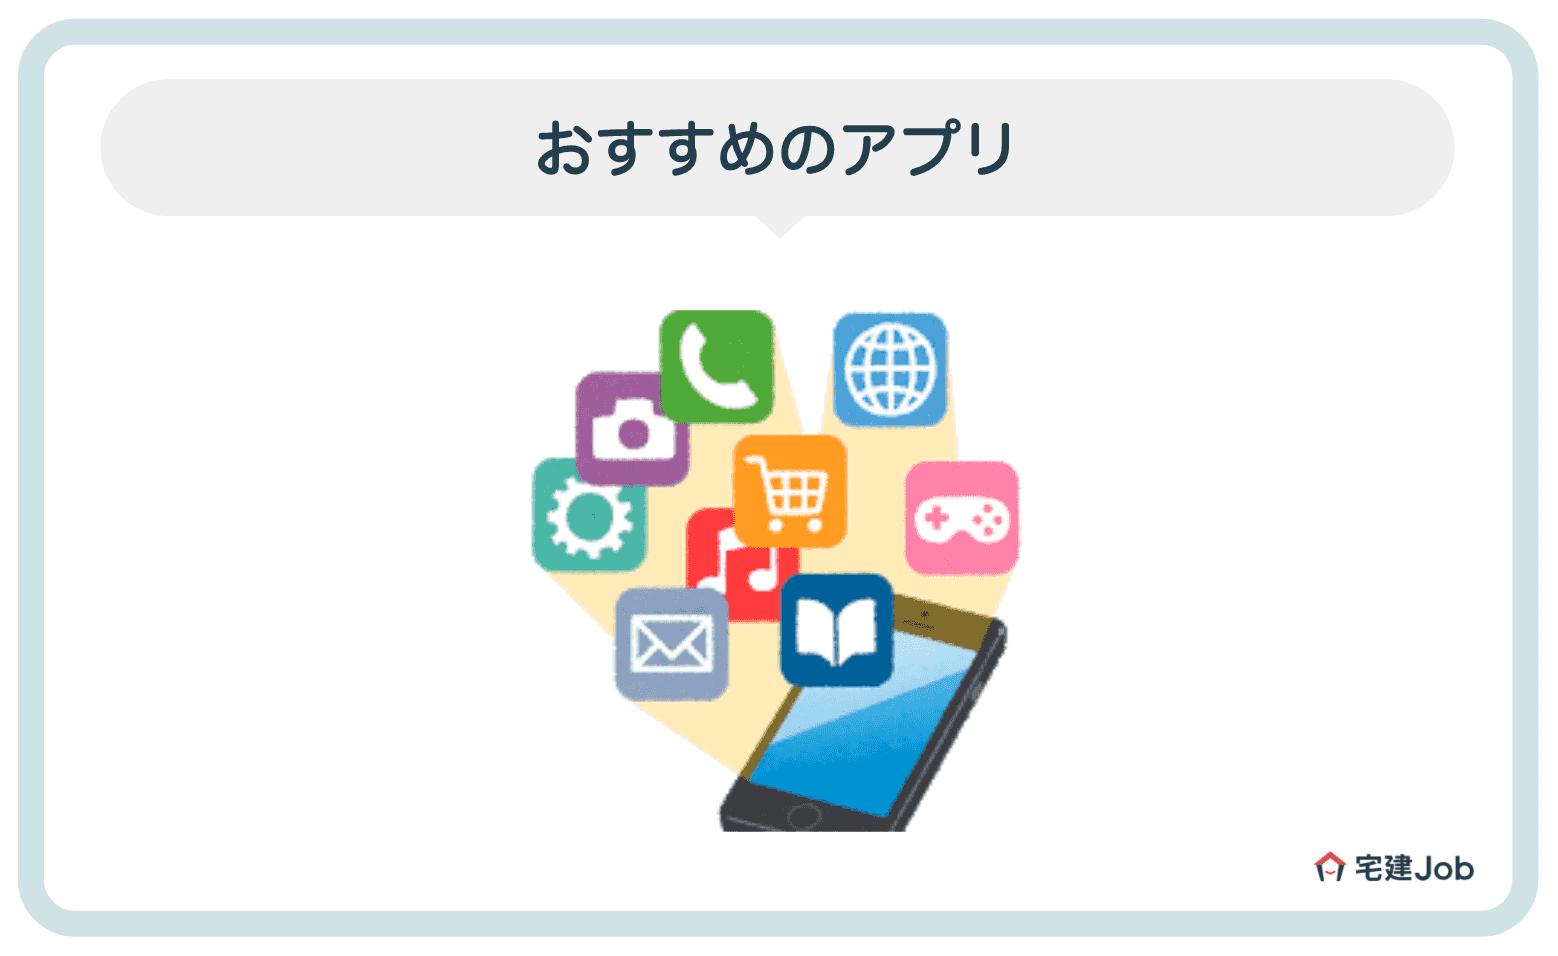 3.マンション管理士の「一問一答」のおすすめ【アプリ】